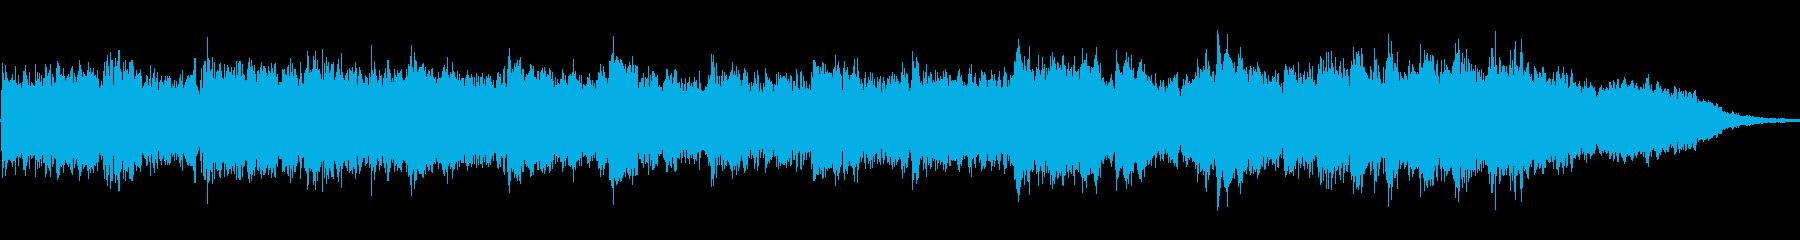 壮大なケルト音楽のイメージshortの再生済みの波形